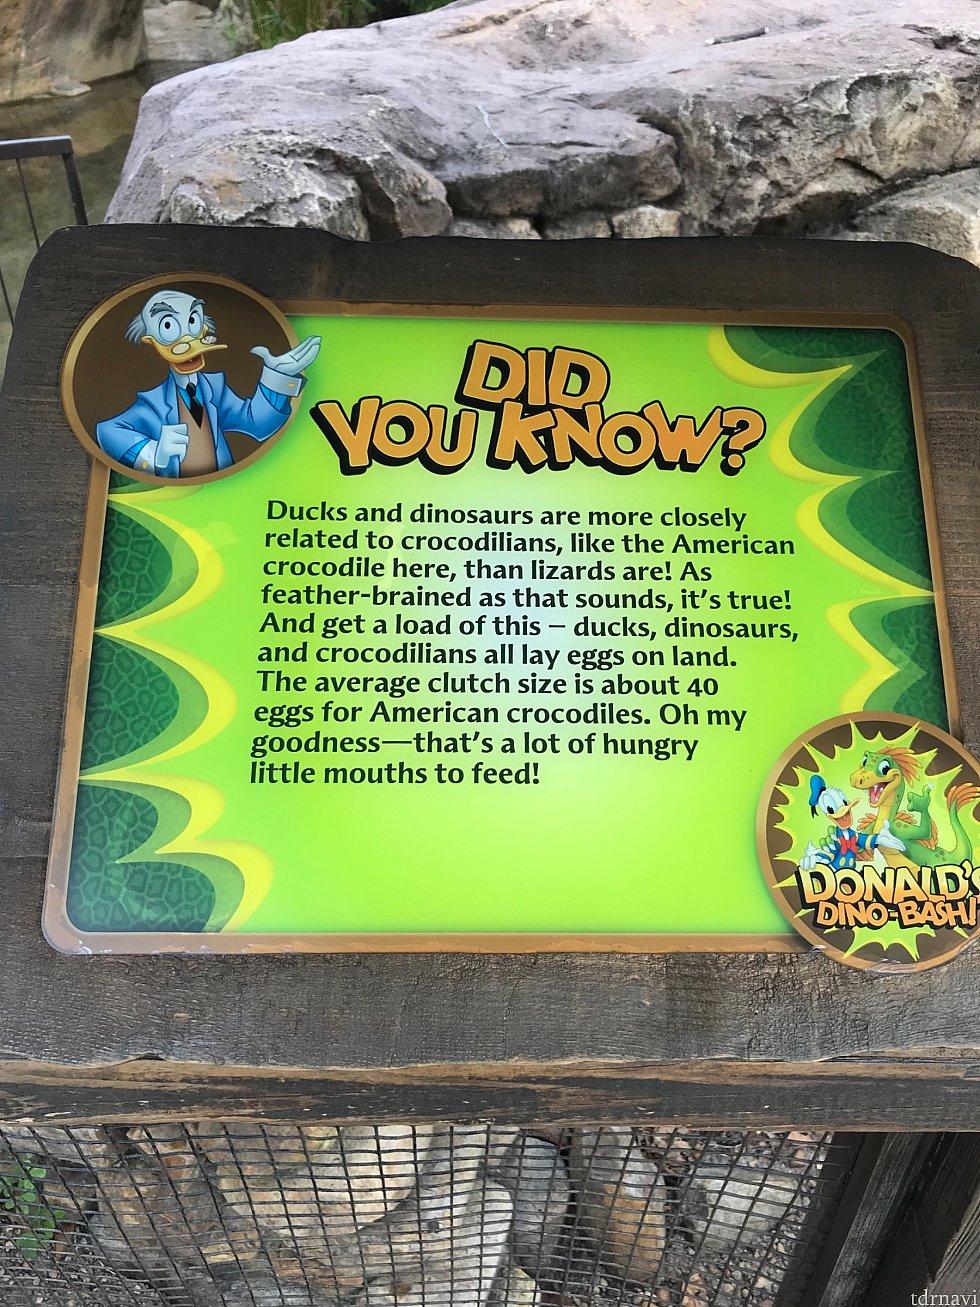 恐竜について情報が書かれています。